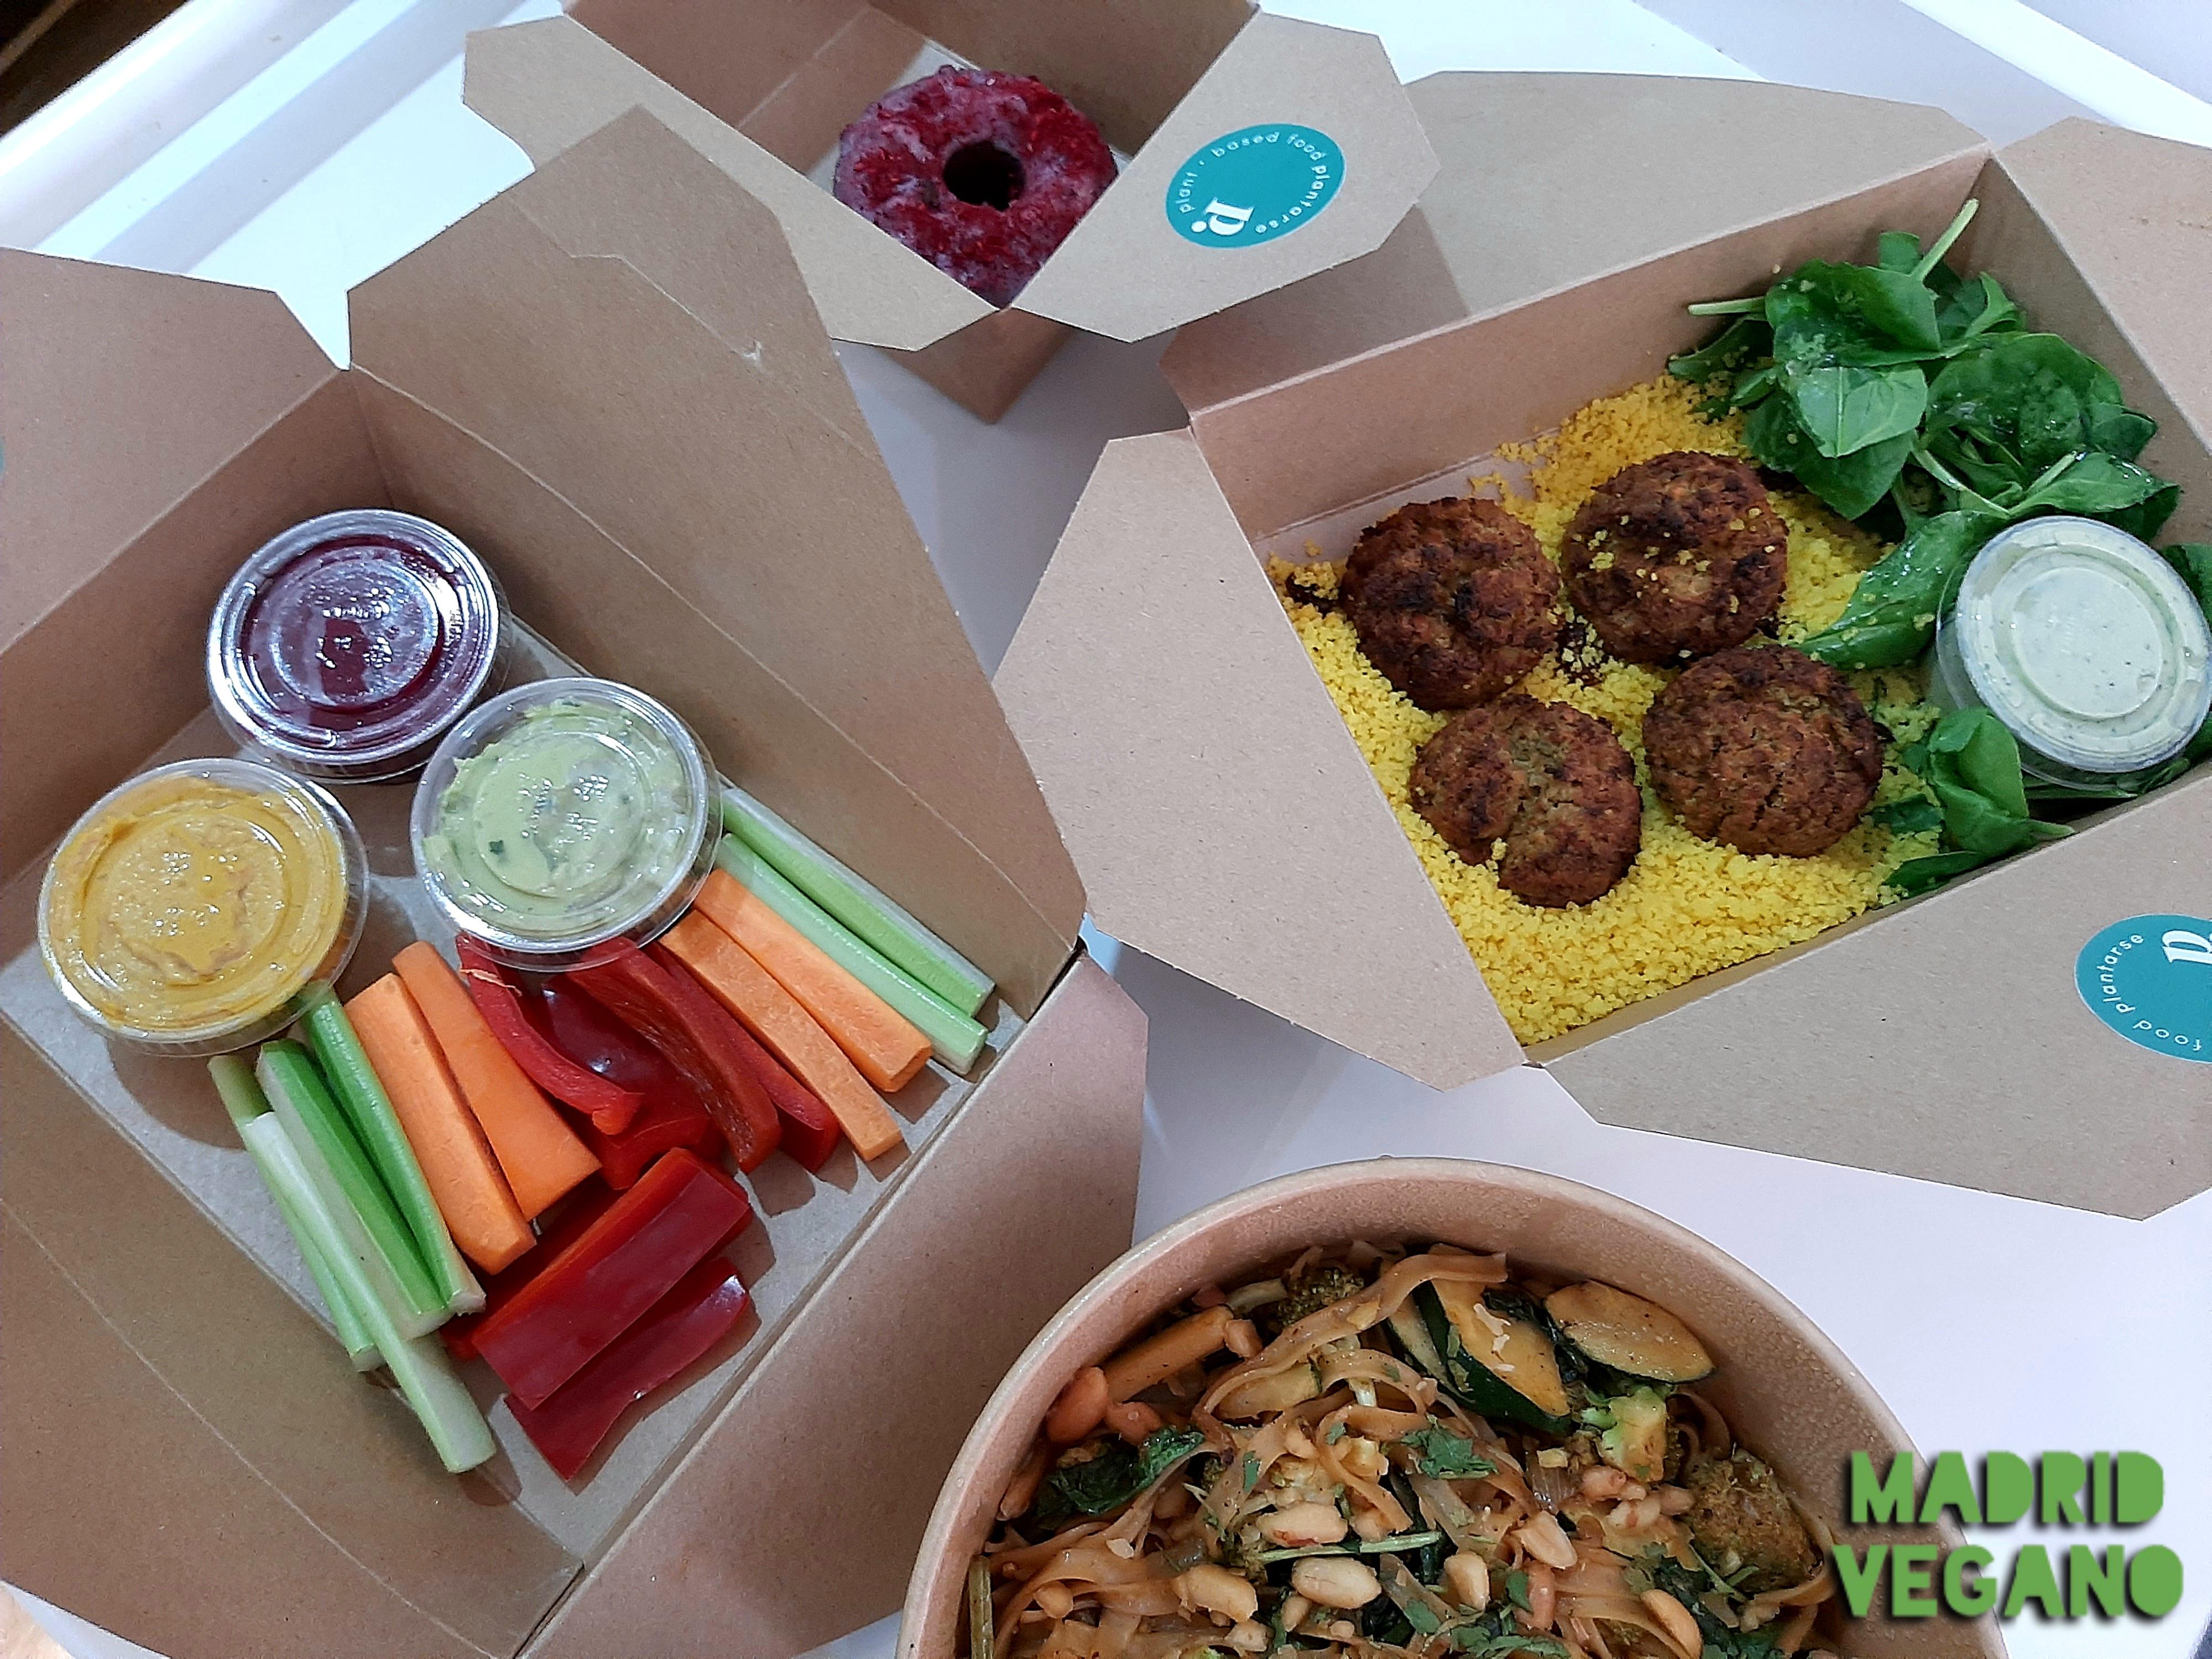 Plantarse, sana, sabrosa y colorida comida vegana a domicilio